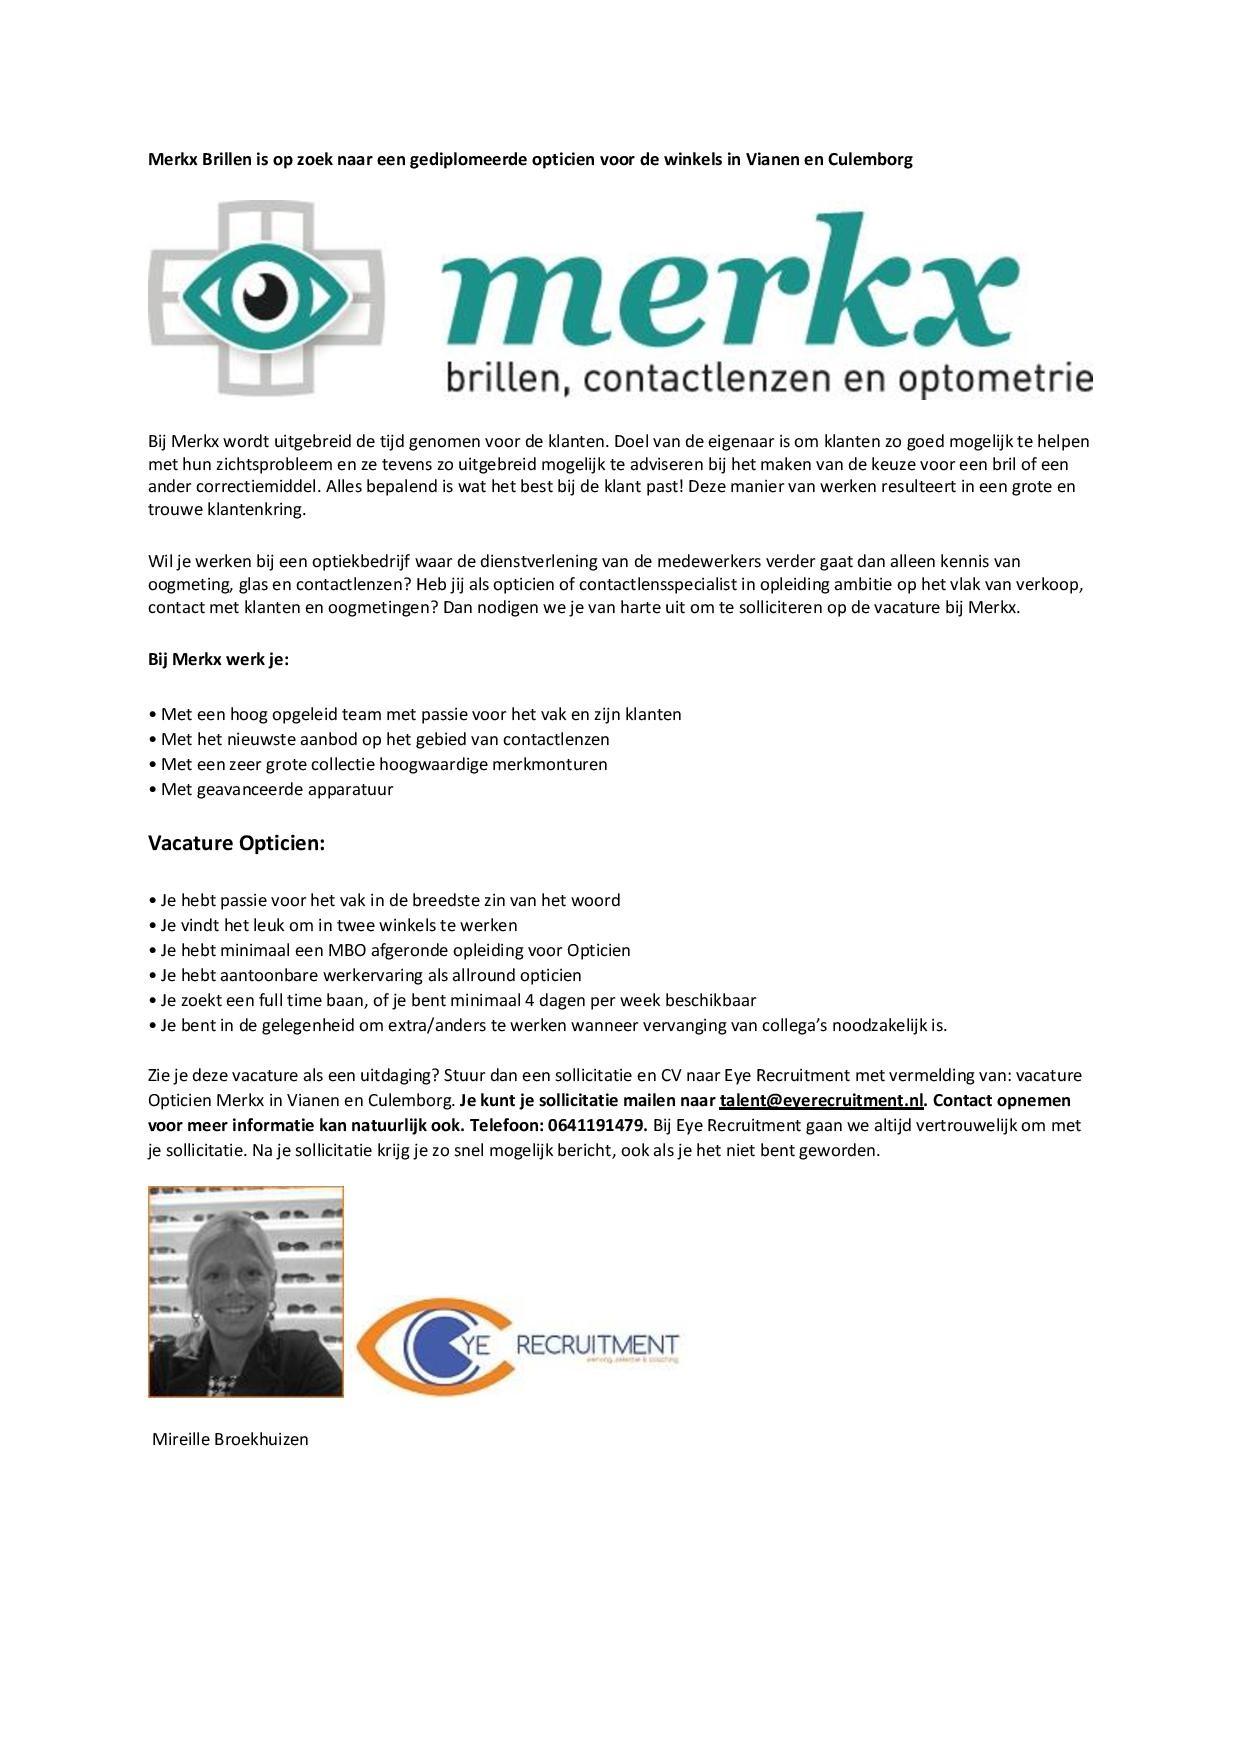 vacature Merkx Brillen Vianen en Culemborg-page-001